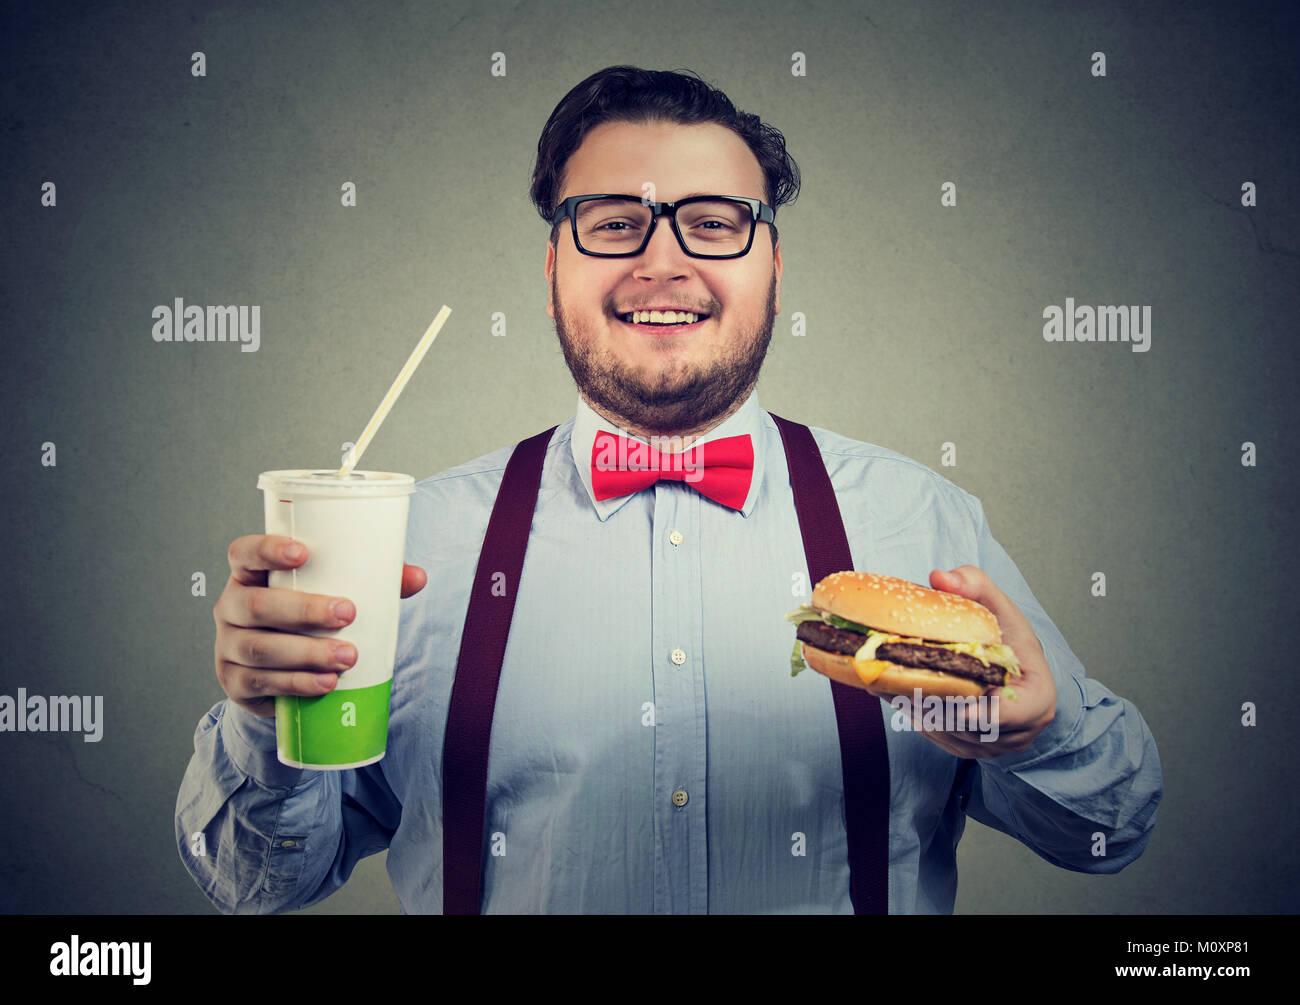 Junge Glücklich, aufgeregt, während mit Burger und Soda an der Kamera schaut. Stockbild